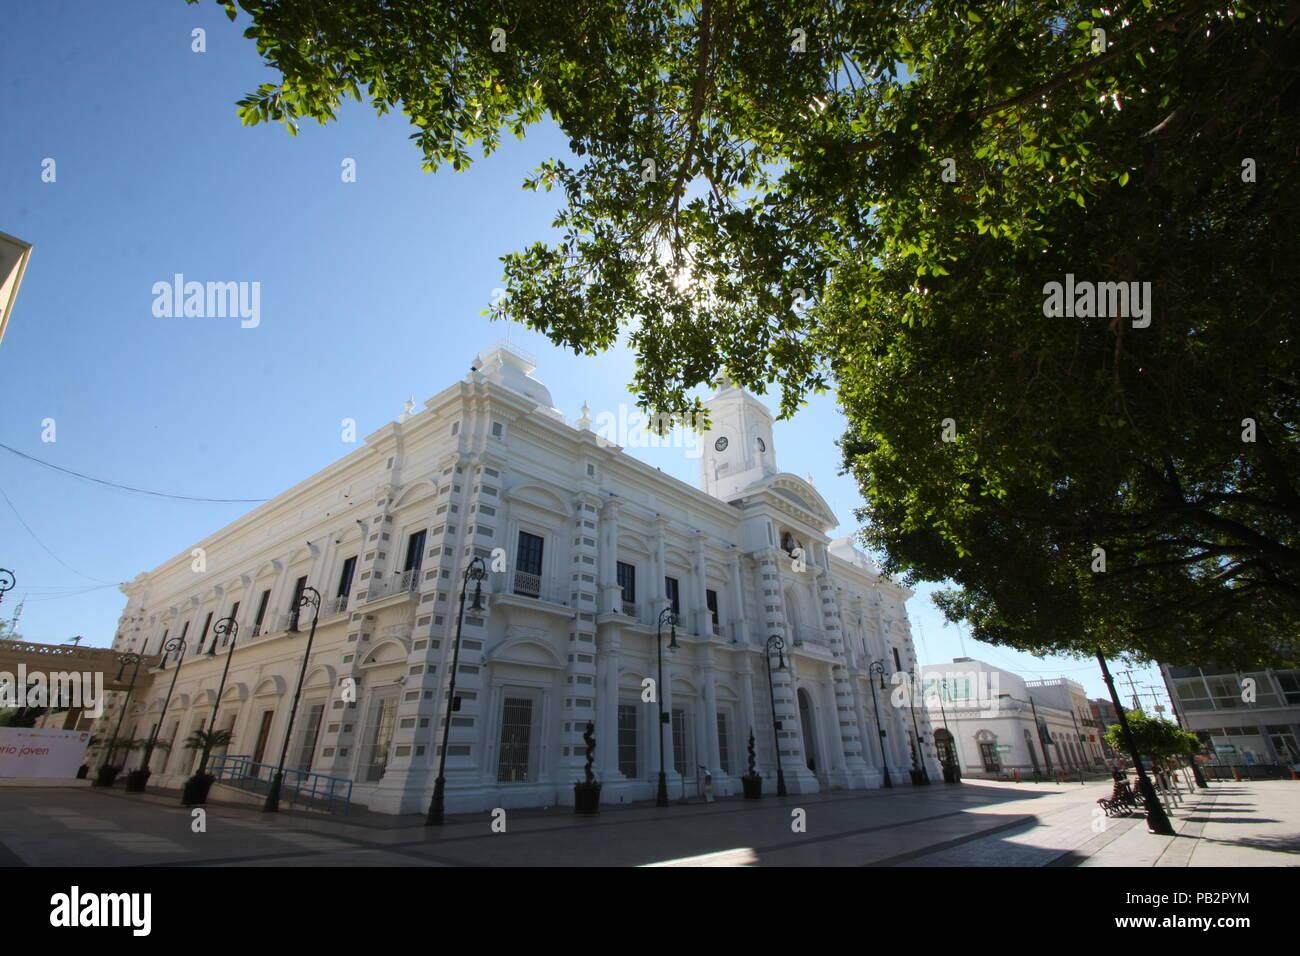 El palacio municipal de Hermosillo y palacio de gobierno del estado de Sonora Stock Photo